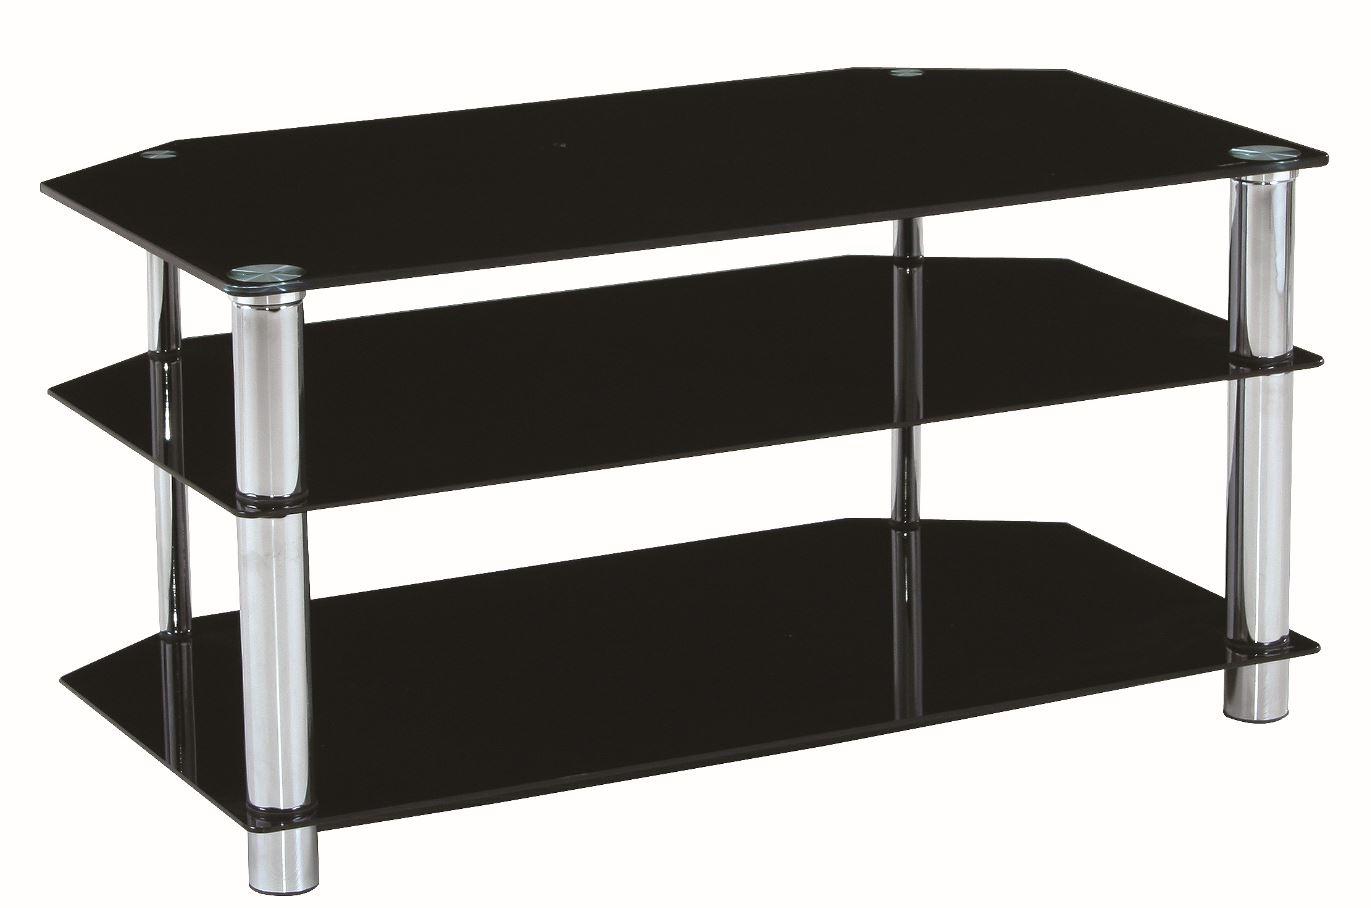 hochwertiger tv tisch tv rack fernsehtisch manhattan 90x50x45cm glas schwarz ebay. Black Bedroom Furniture Sets. Home Design Ideas